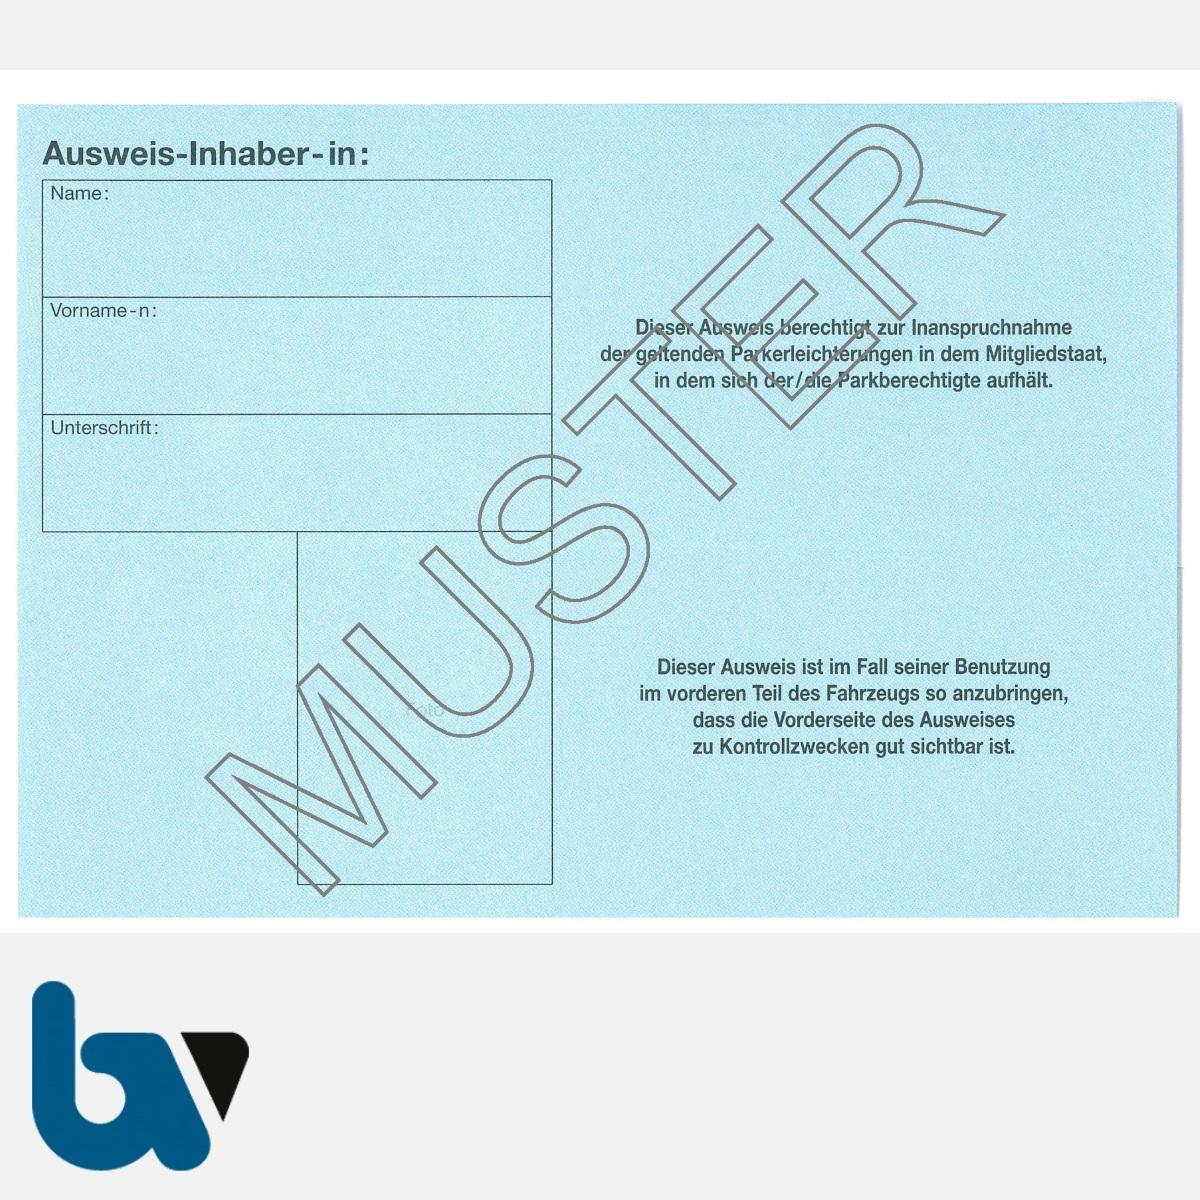 0/685-5.1 EU-einheitlicher Parkausweis Ausnahmegenehmigung Parkerleichterungen europäisch blau Modell behinderte Menschen leicht DIN A6 RS | Borgard Verlag GmbH